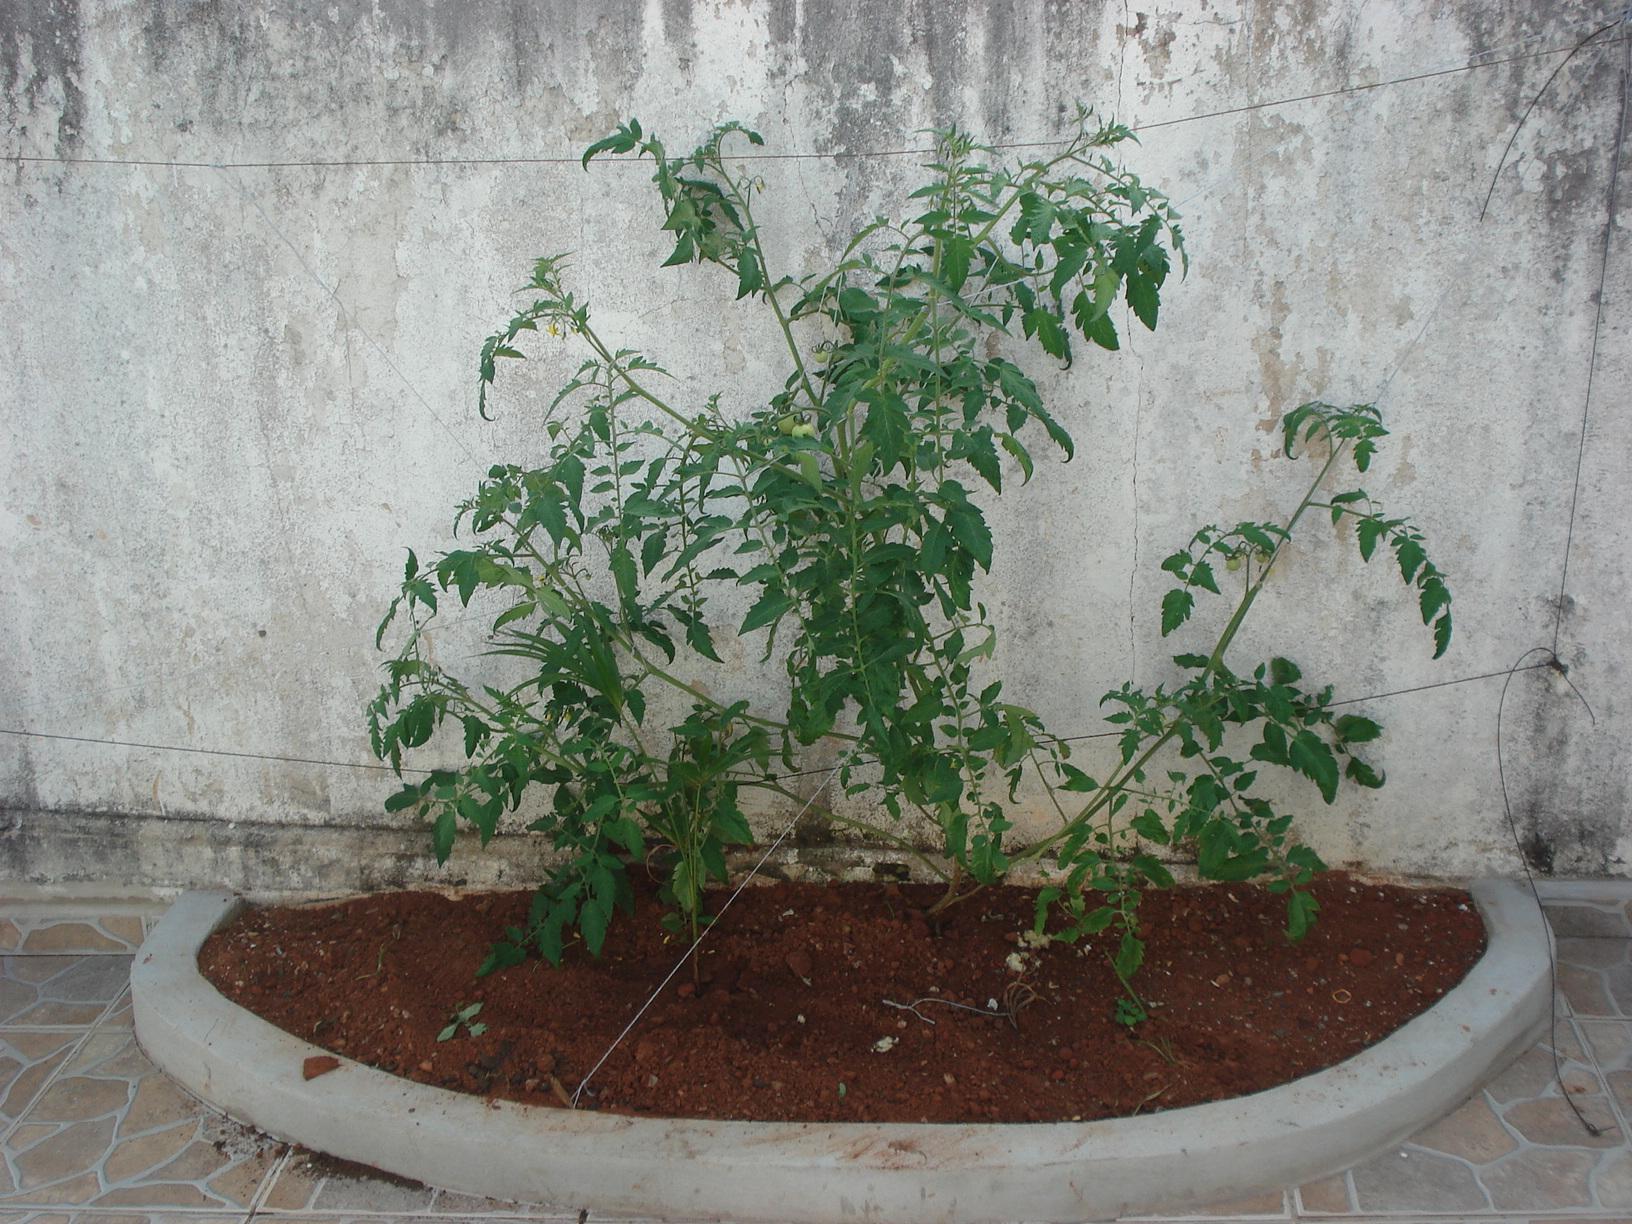 Extremamente O tomate está caro? Então plante em casa! | Plantando Vida FK65